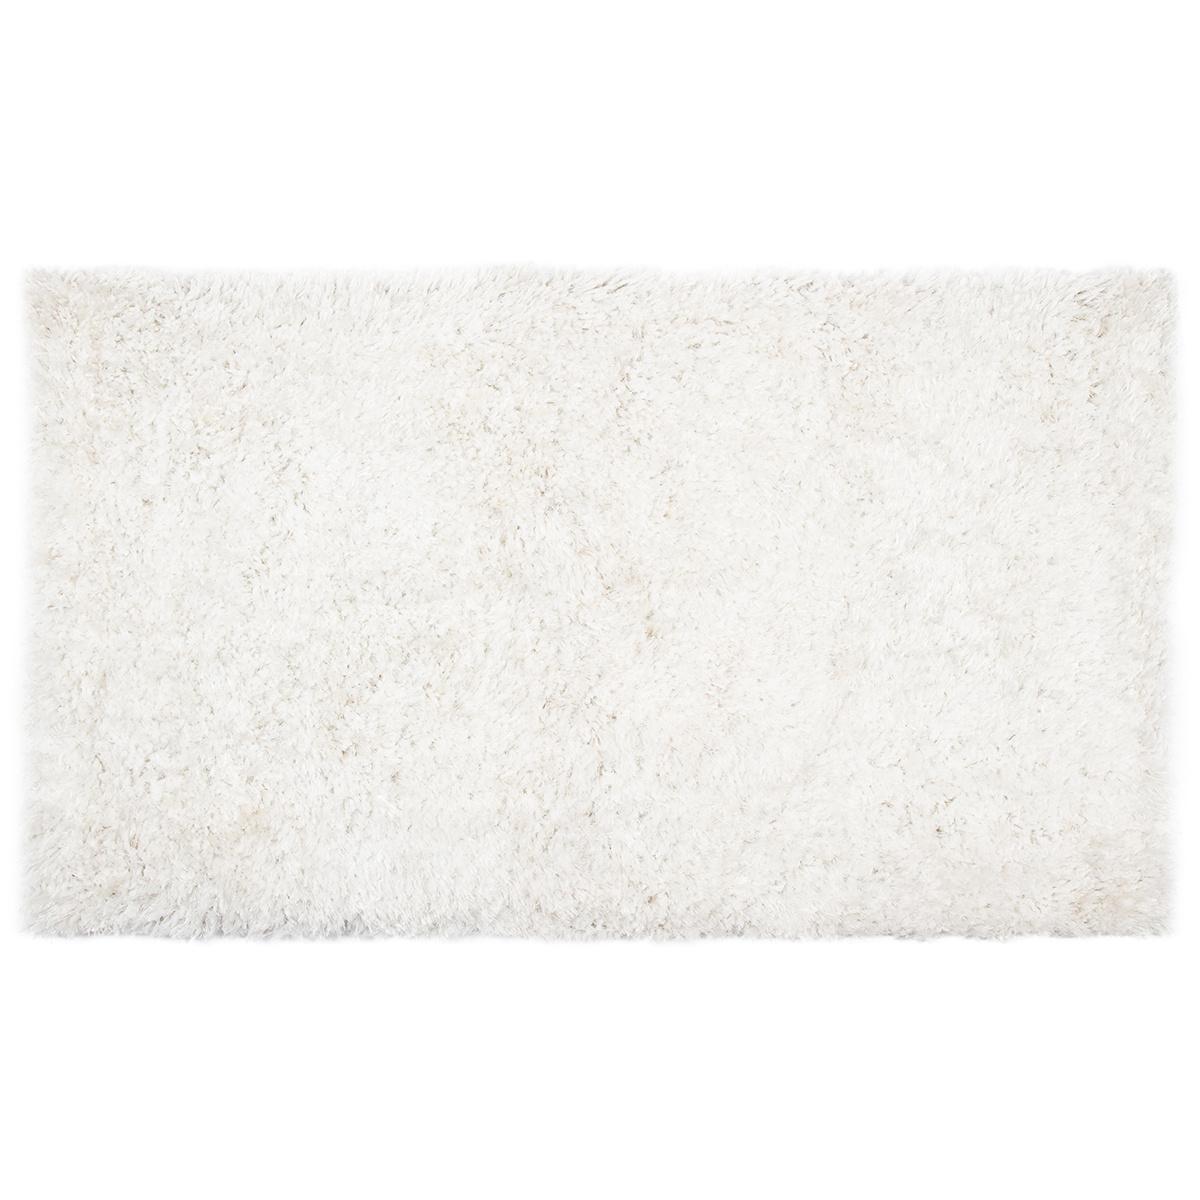 Dywanik Emma biały, 60 x 100 cm, beżowy, 60 x 100 cm